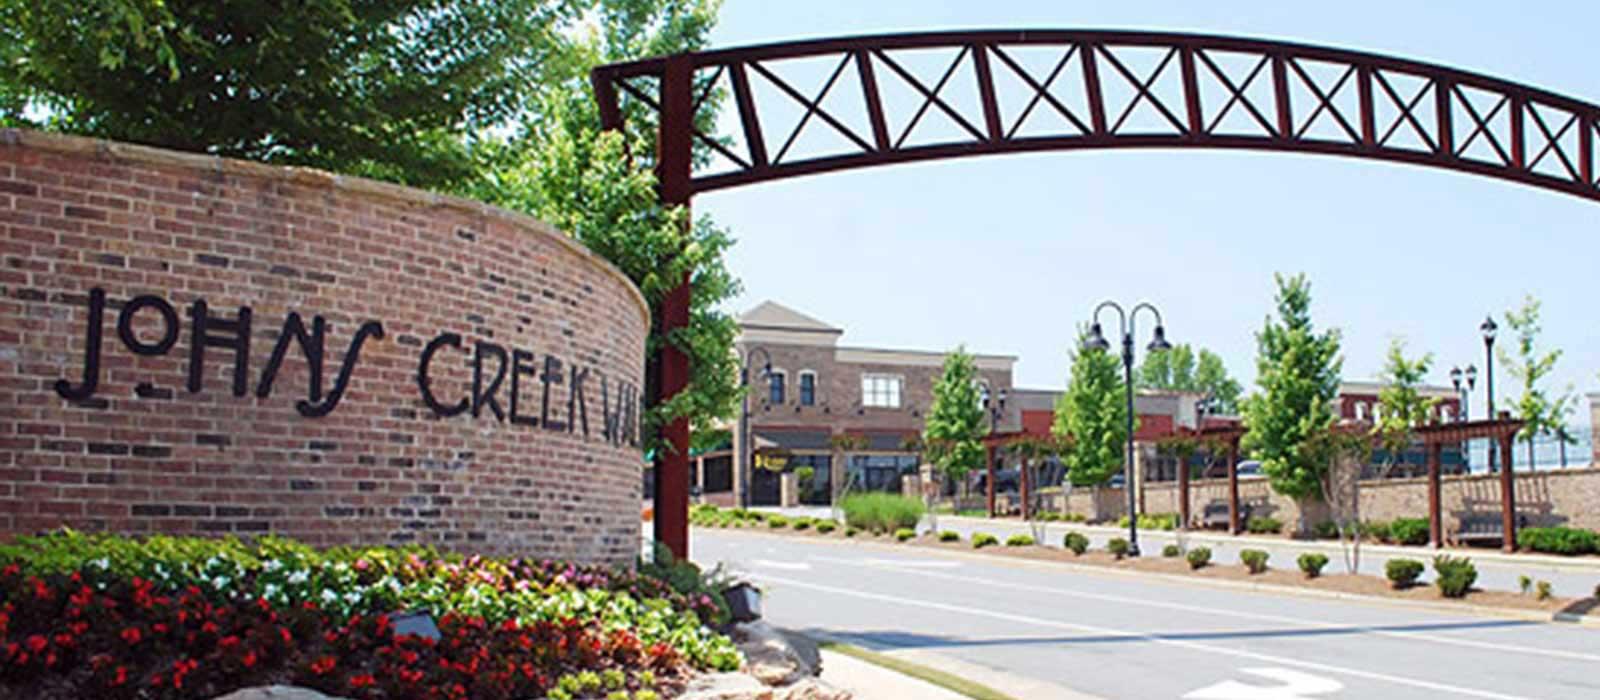 Johns Creek wall sign